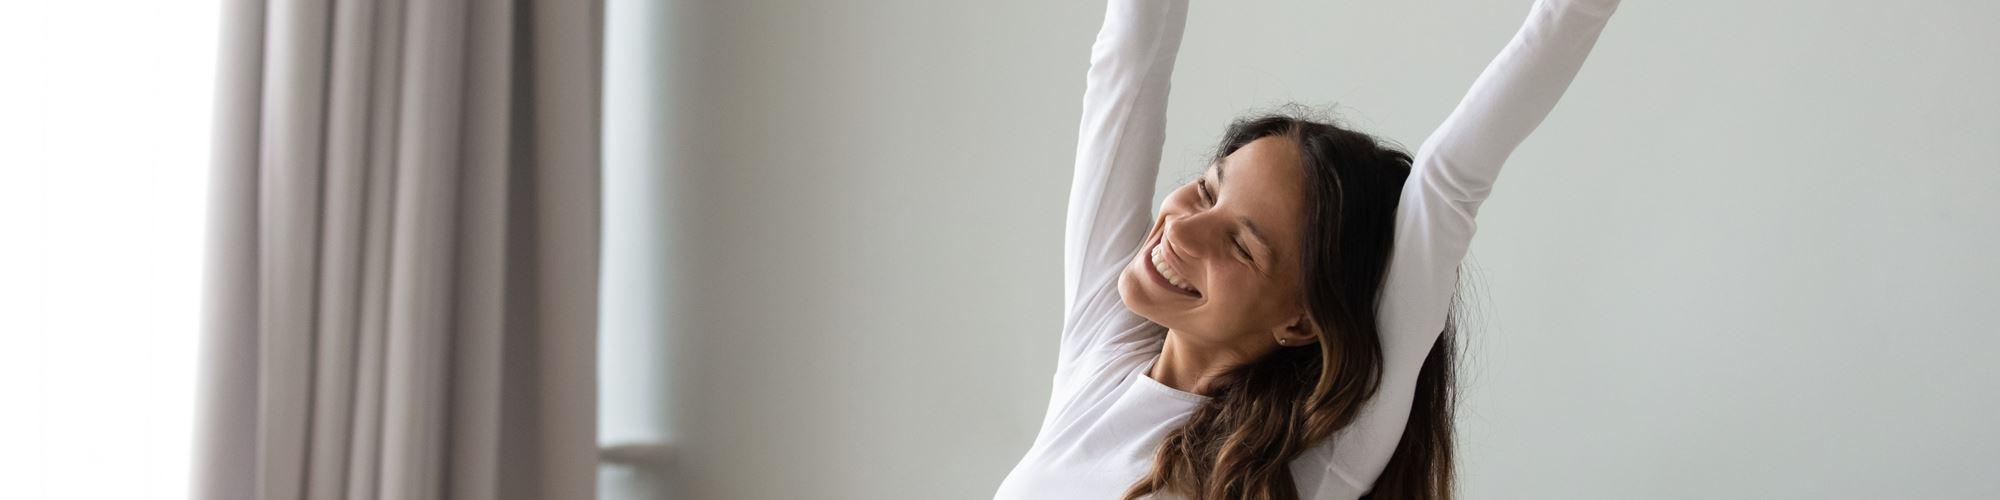 Pessoas que gostam das manhãs são mais saudáveis e produtivas